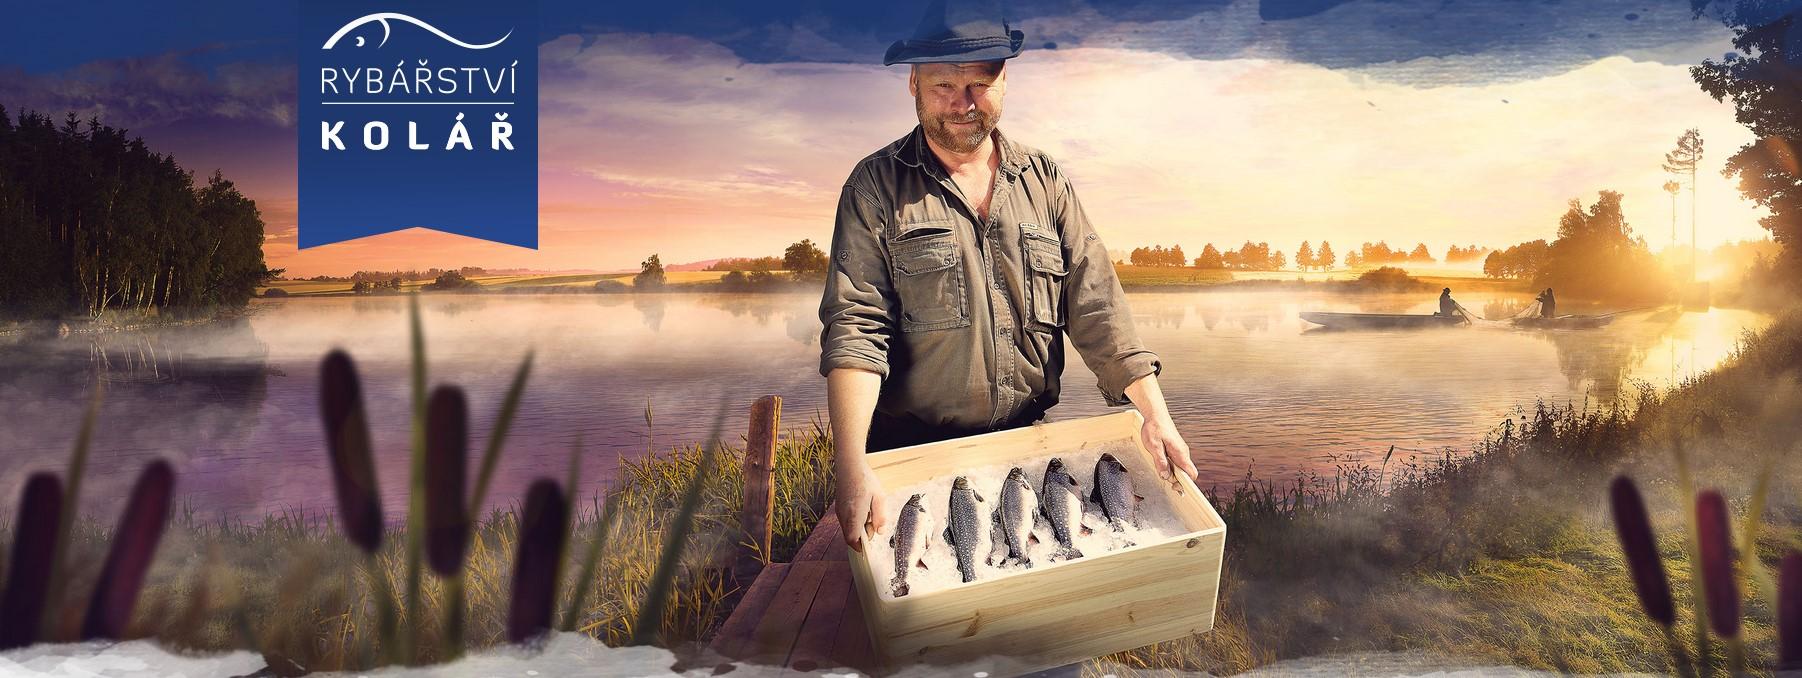 Rybářství Kolář